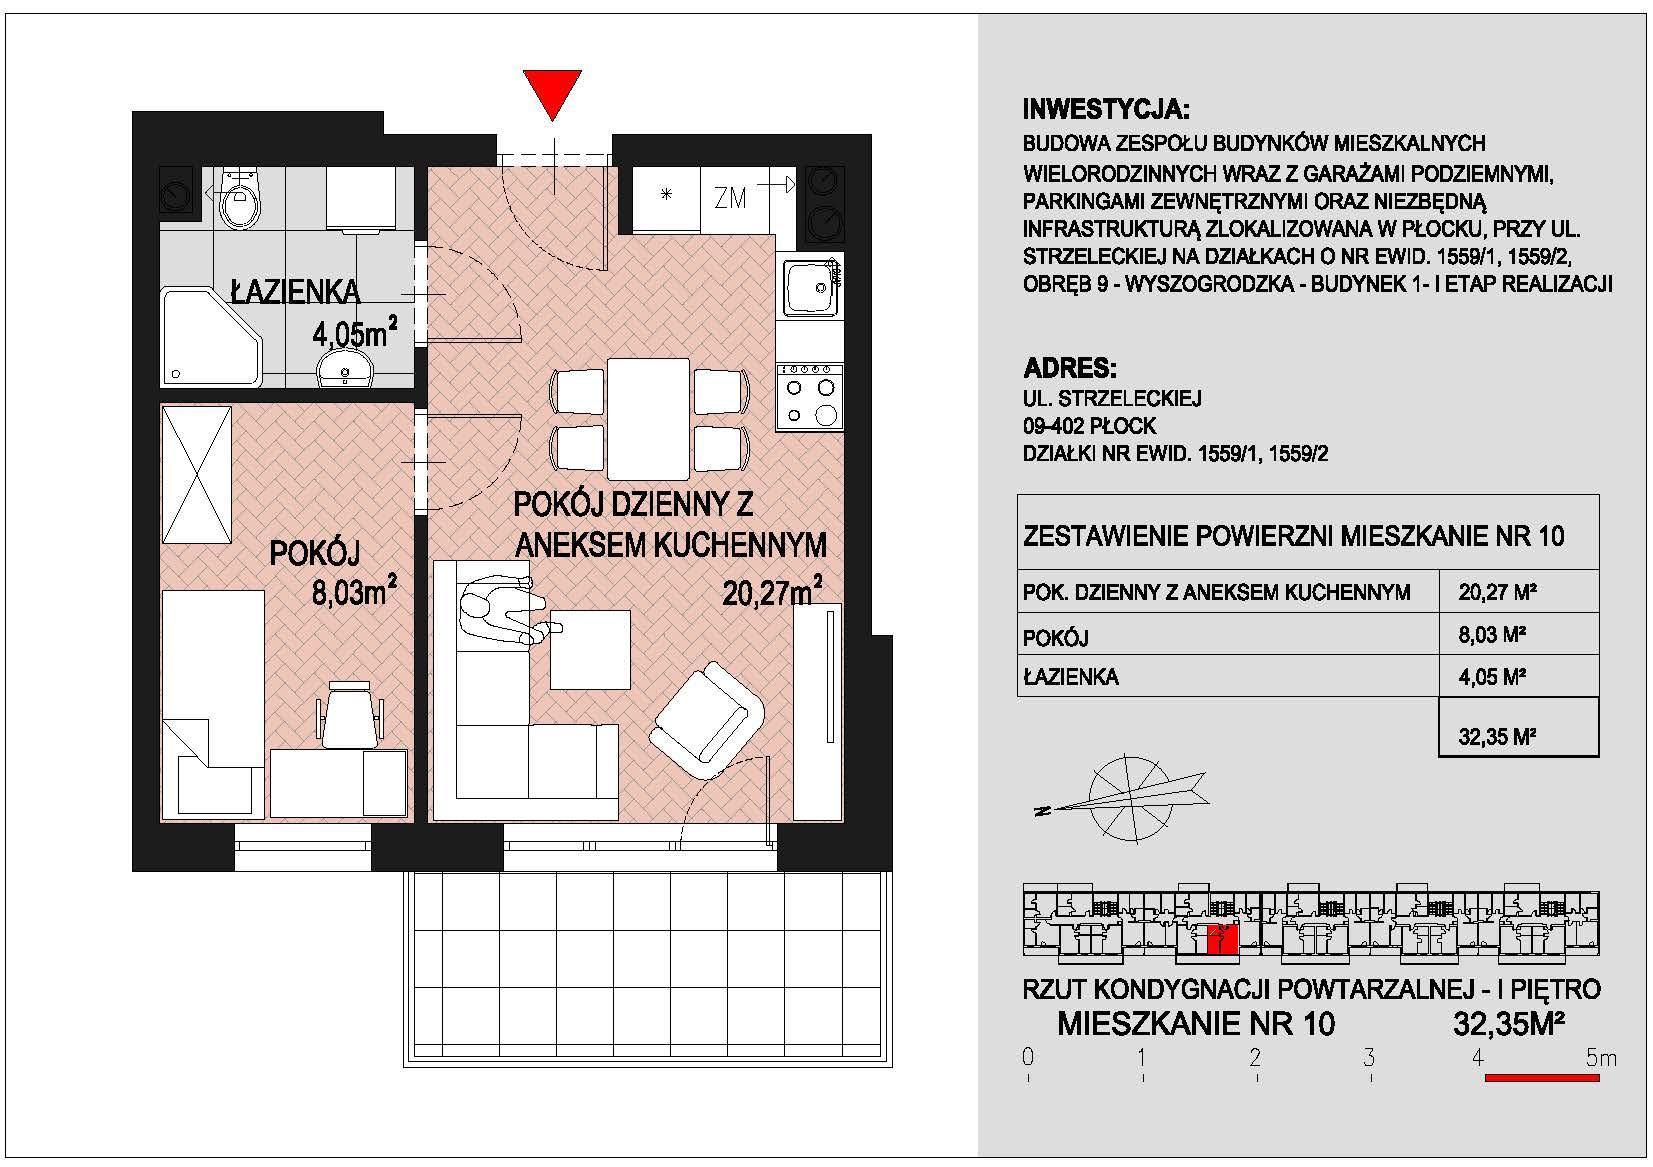 mieszkanie nr 10 PIK Płock